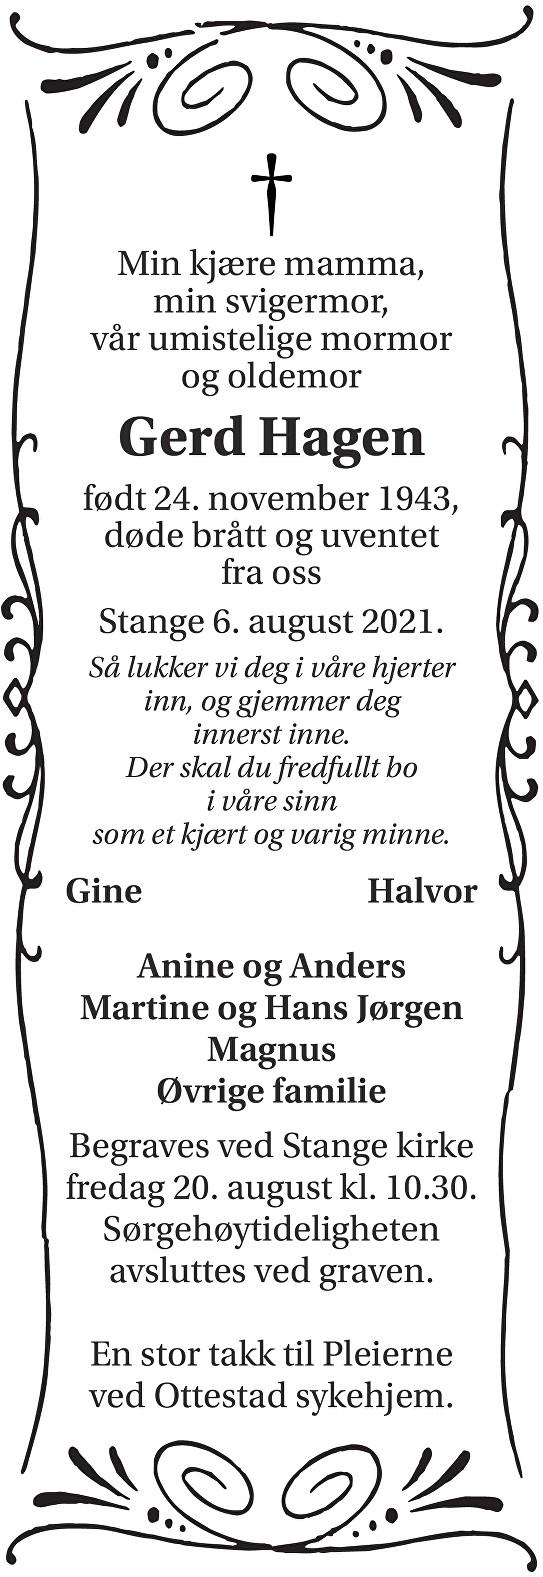 Gerd Hagen Dødsannonse